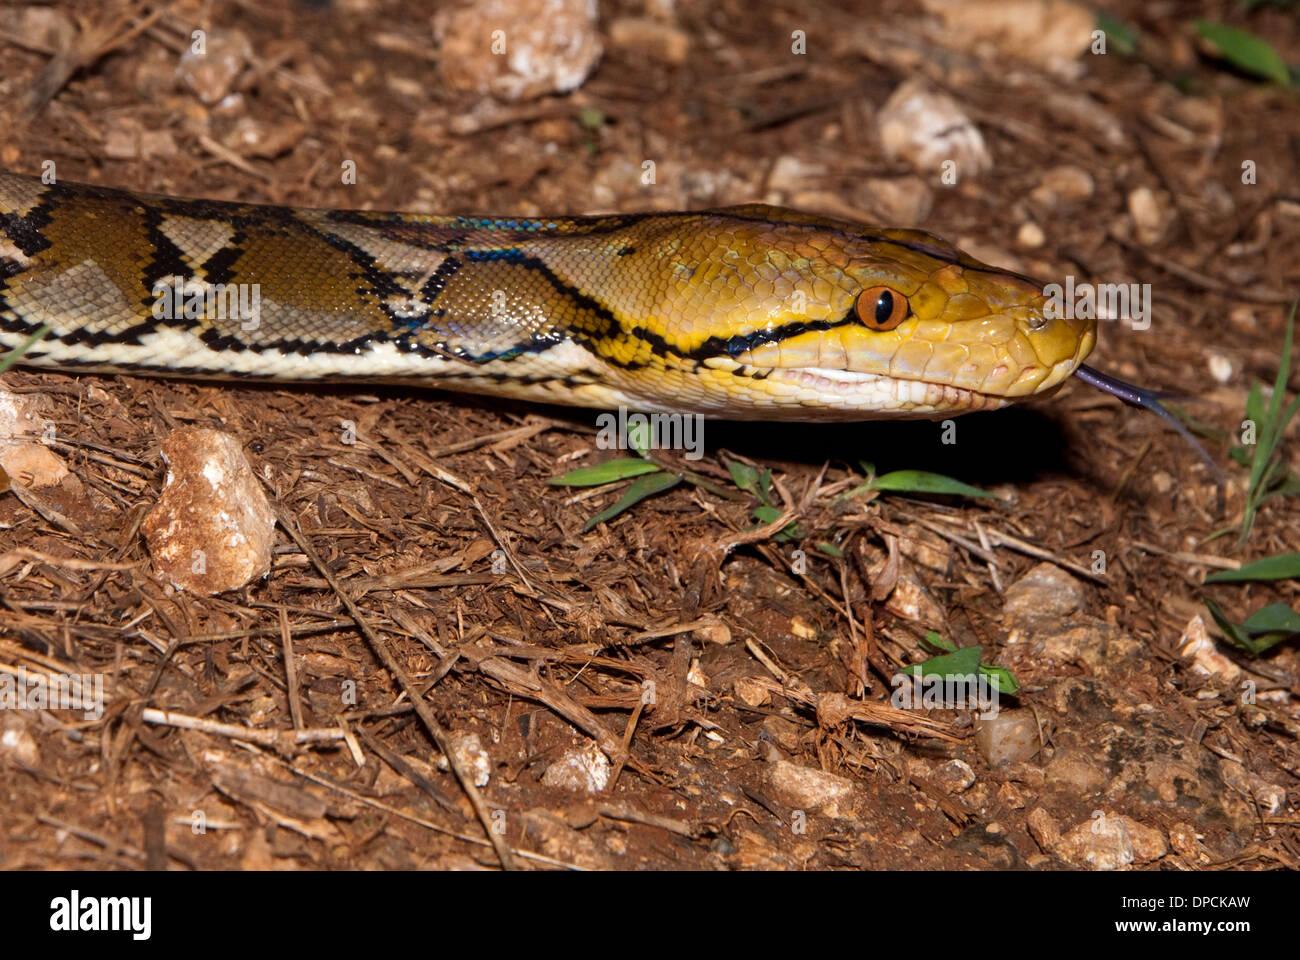 Python, Bau Bau, Sulawesi, Indonesia - Stock Image